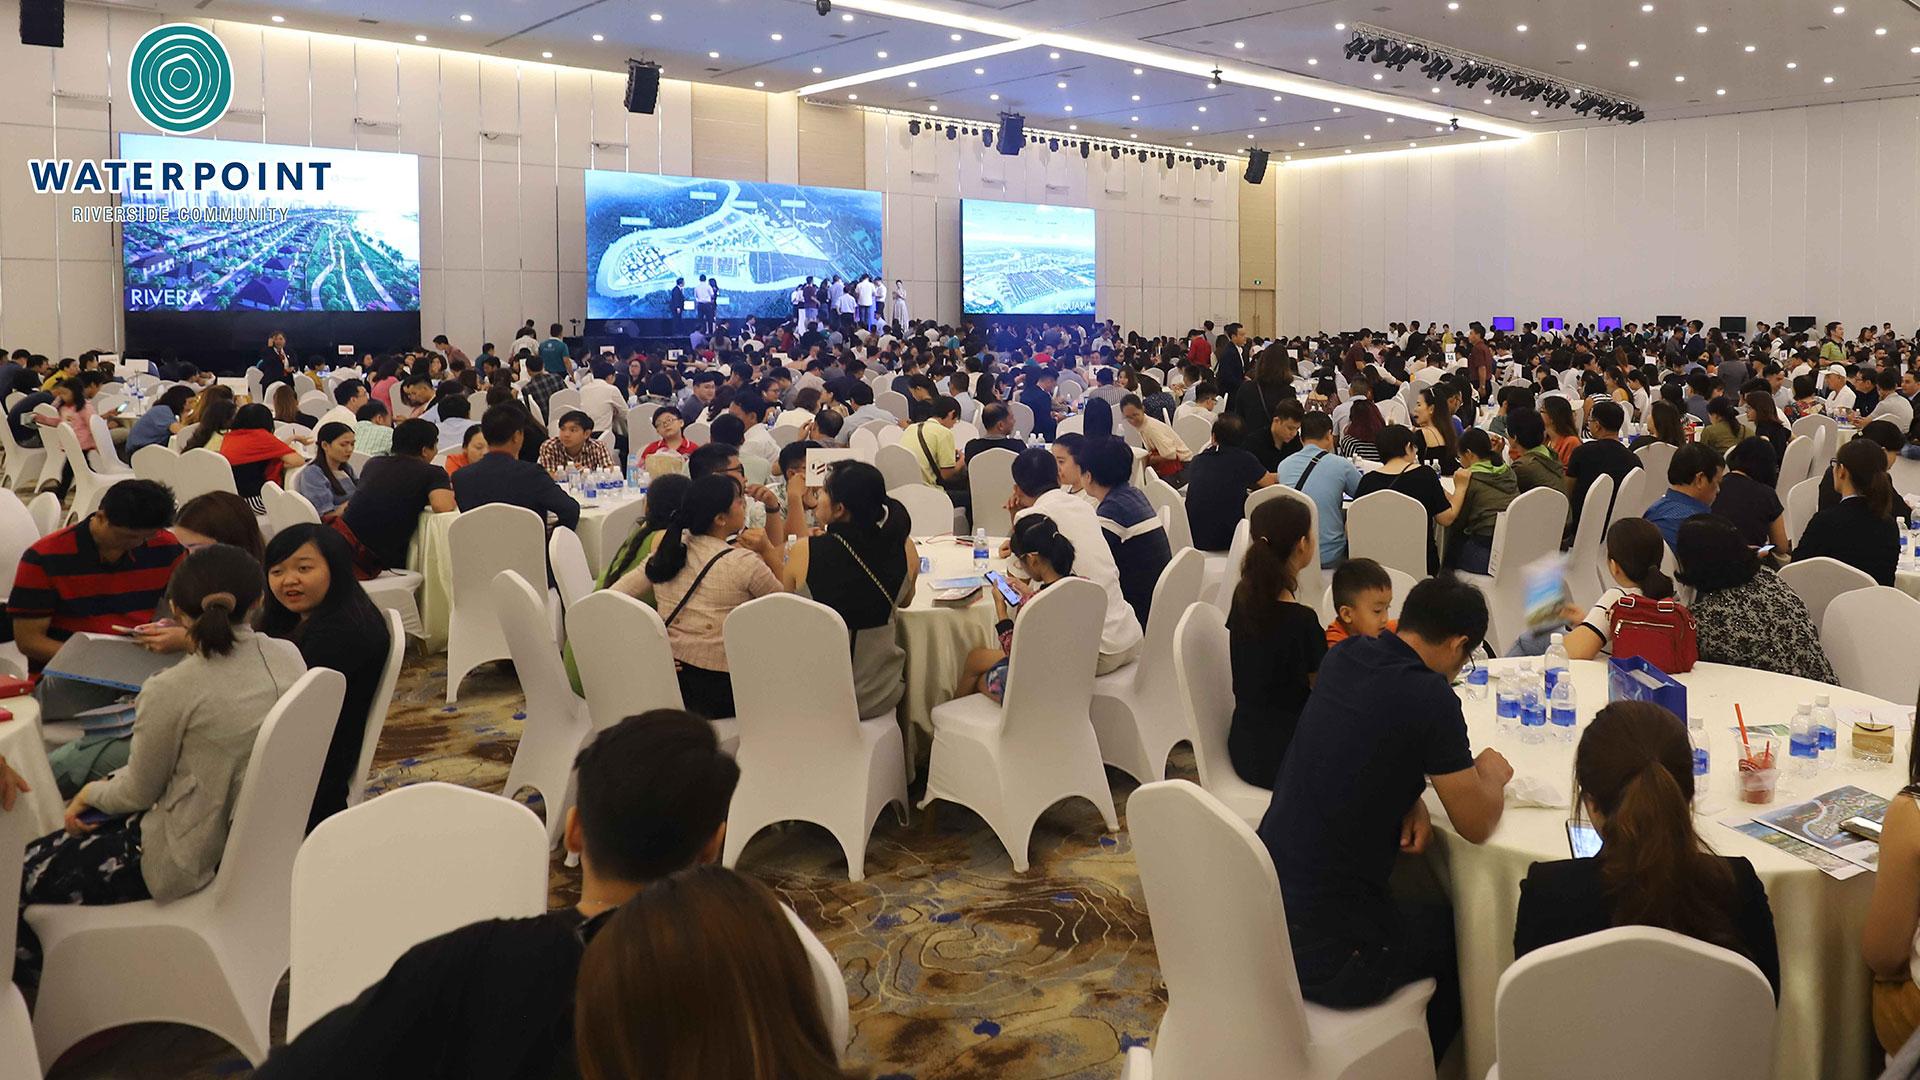 Hơn 200 khách hàng đã tham quan nhà mẫu Waterpoint cuối tuần